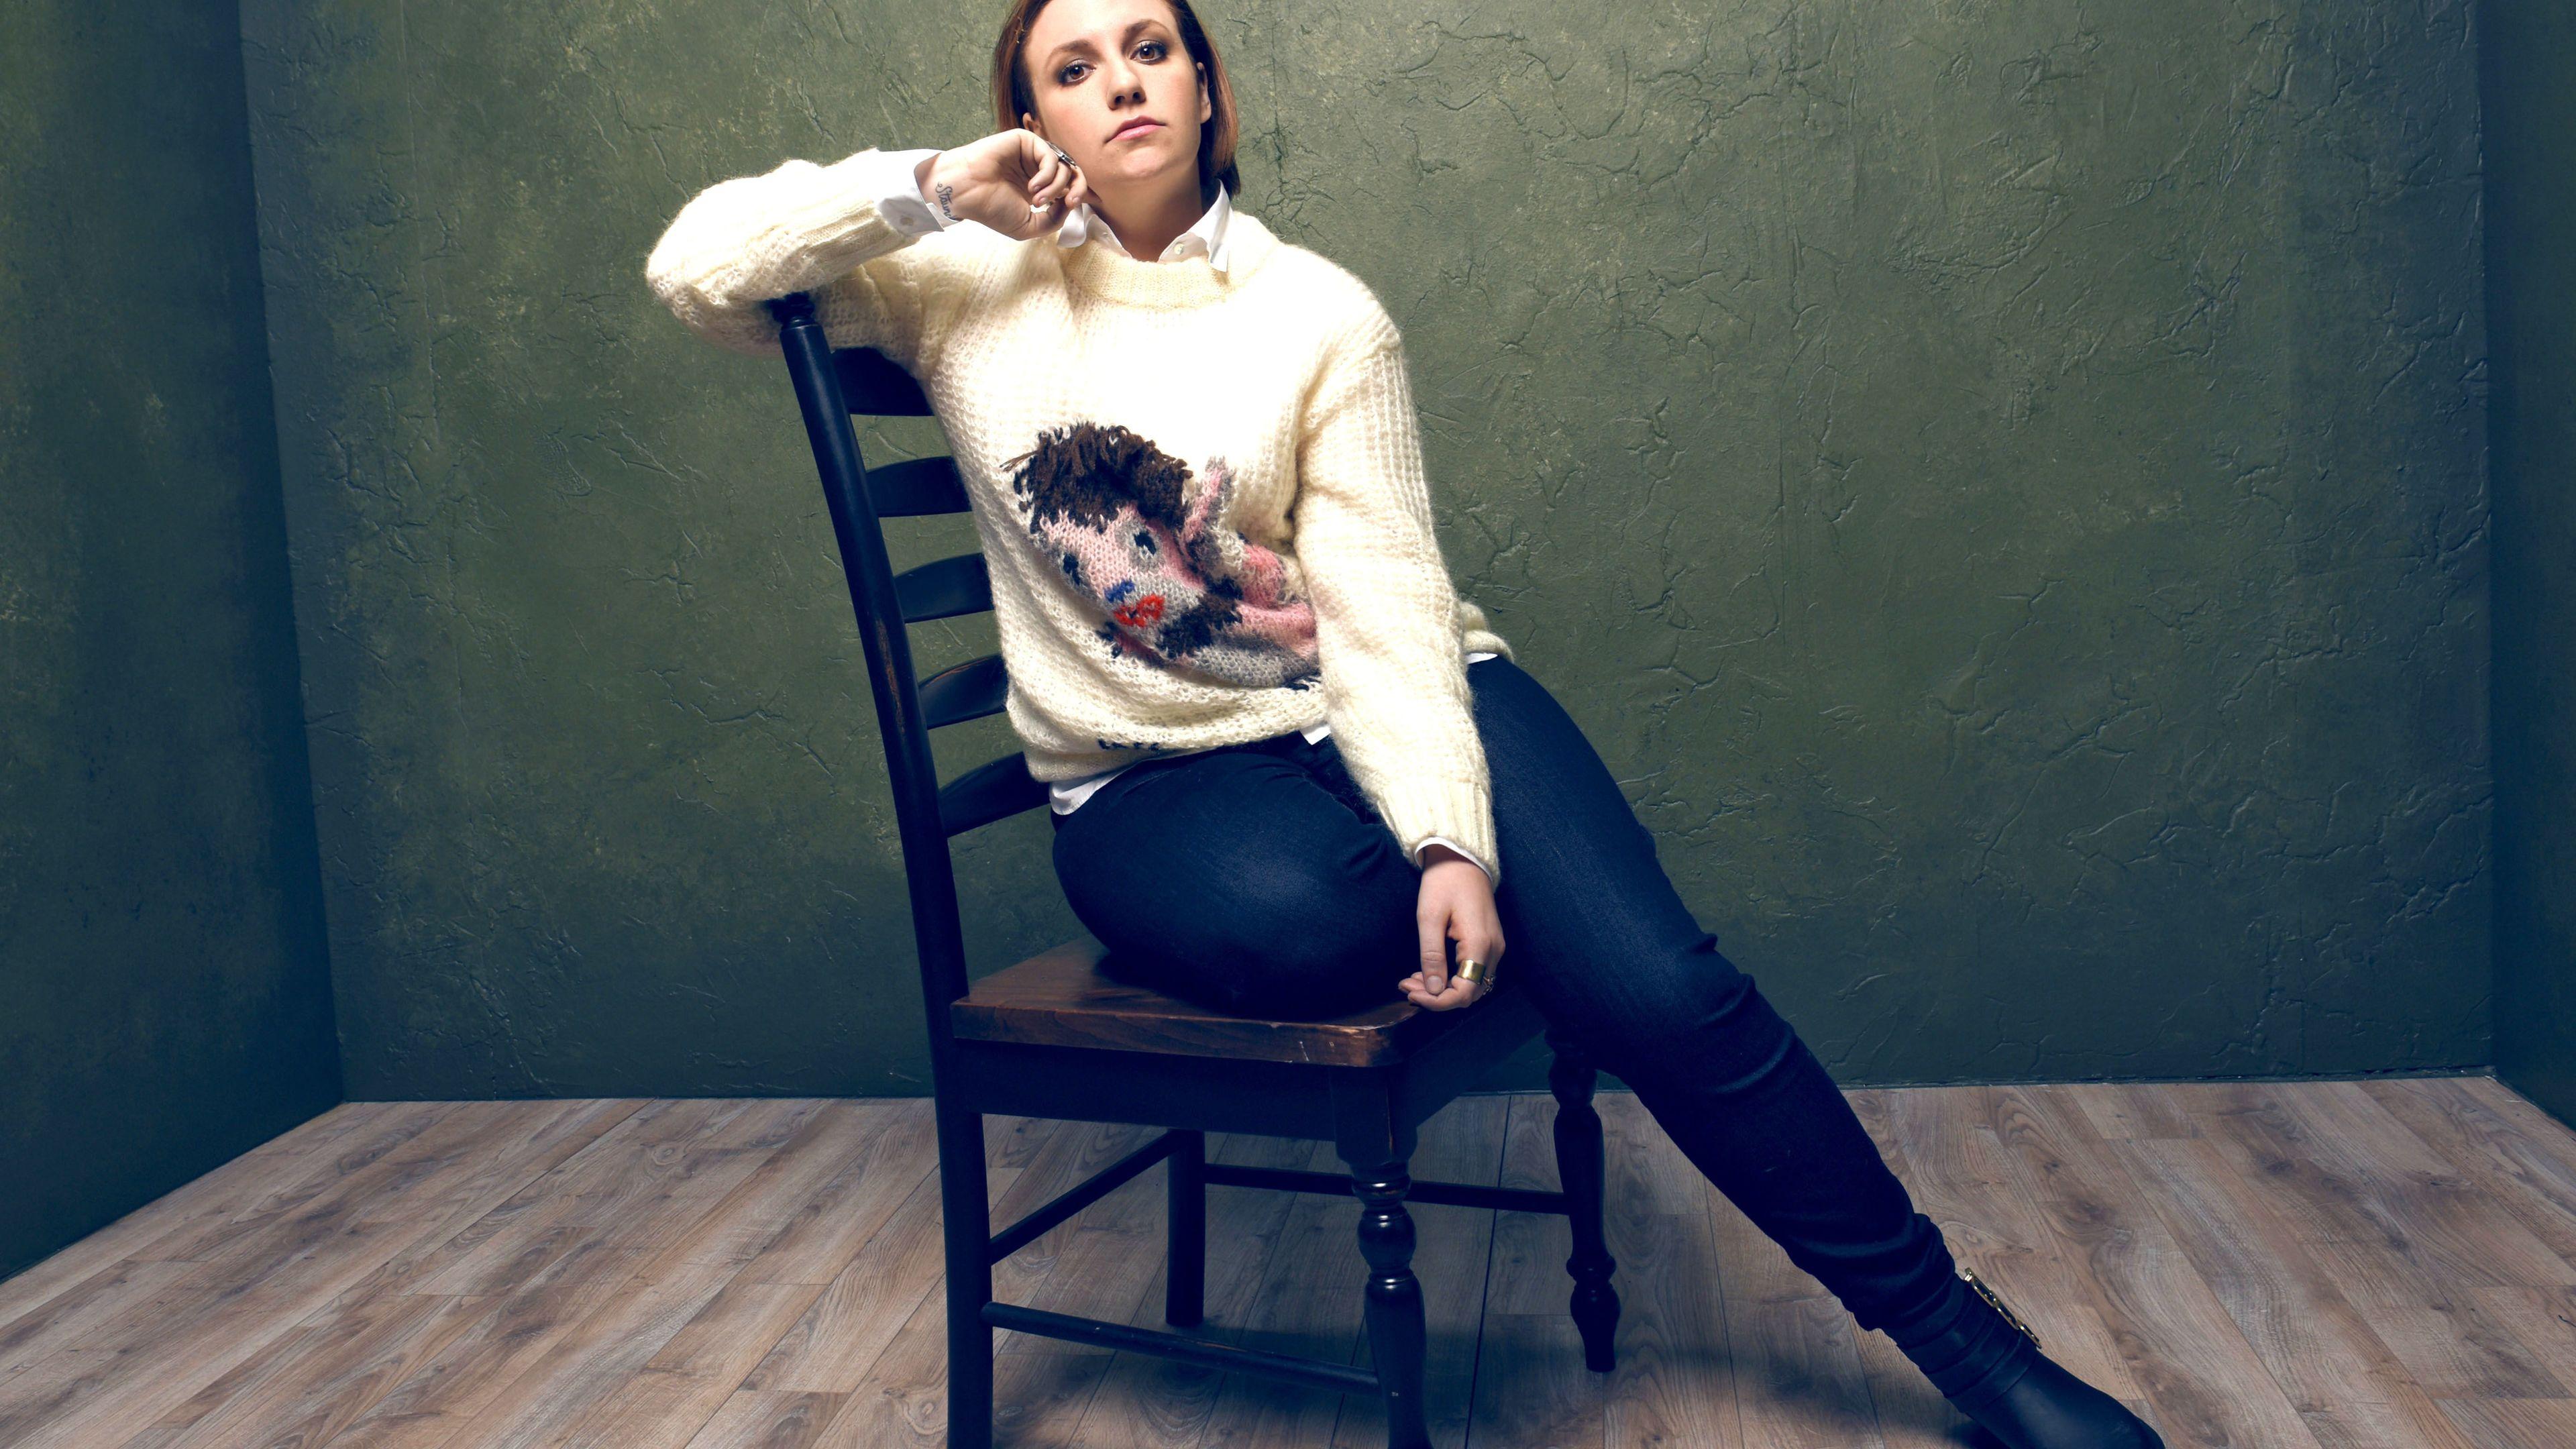 lena dunham 1536947200 - Lena Dunham - lena dunham wallpapers, hd-wallpapers, celebrities wallpapers, 5k wallpapers, 4k-wallpapers